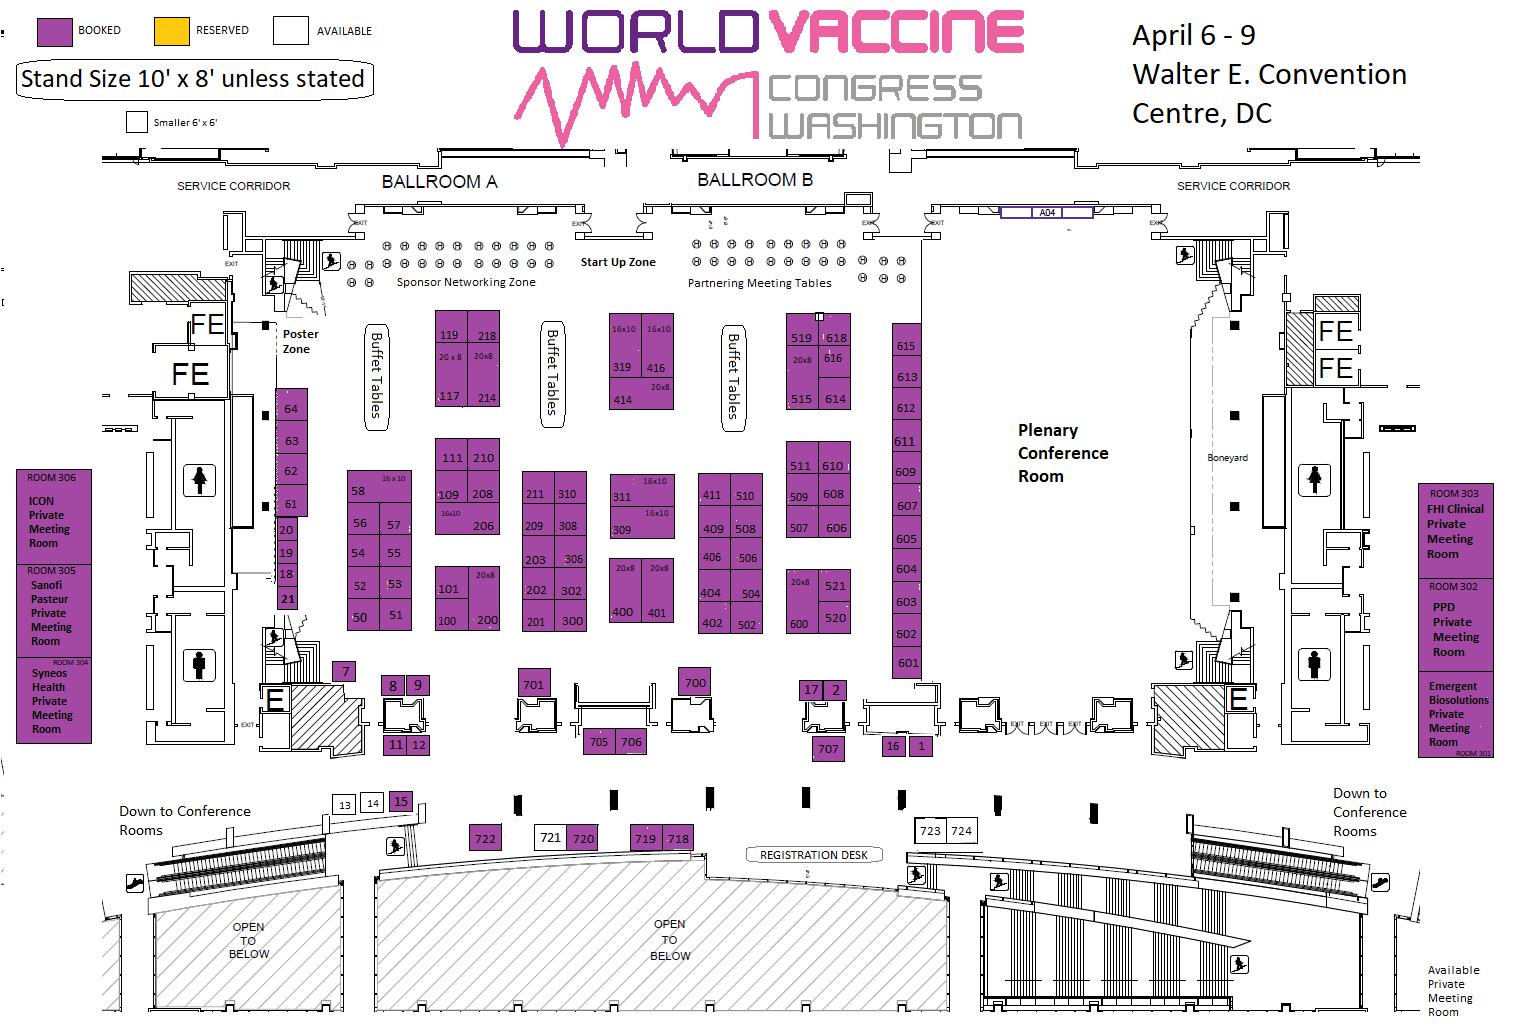 World Vaccine Congress Washington 2020